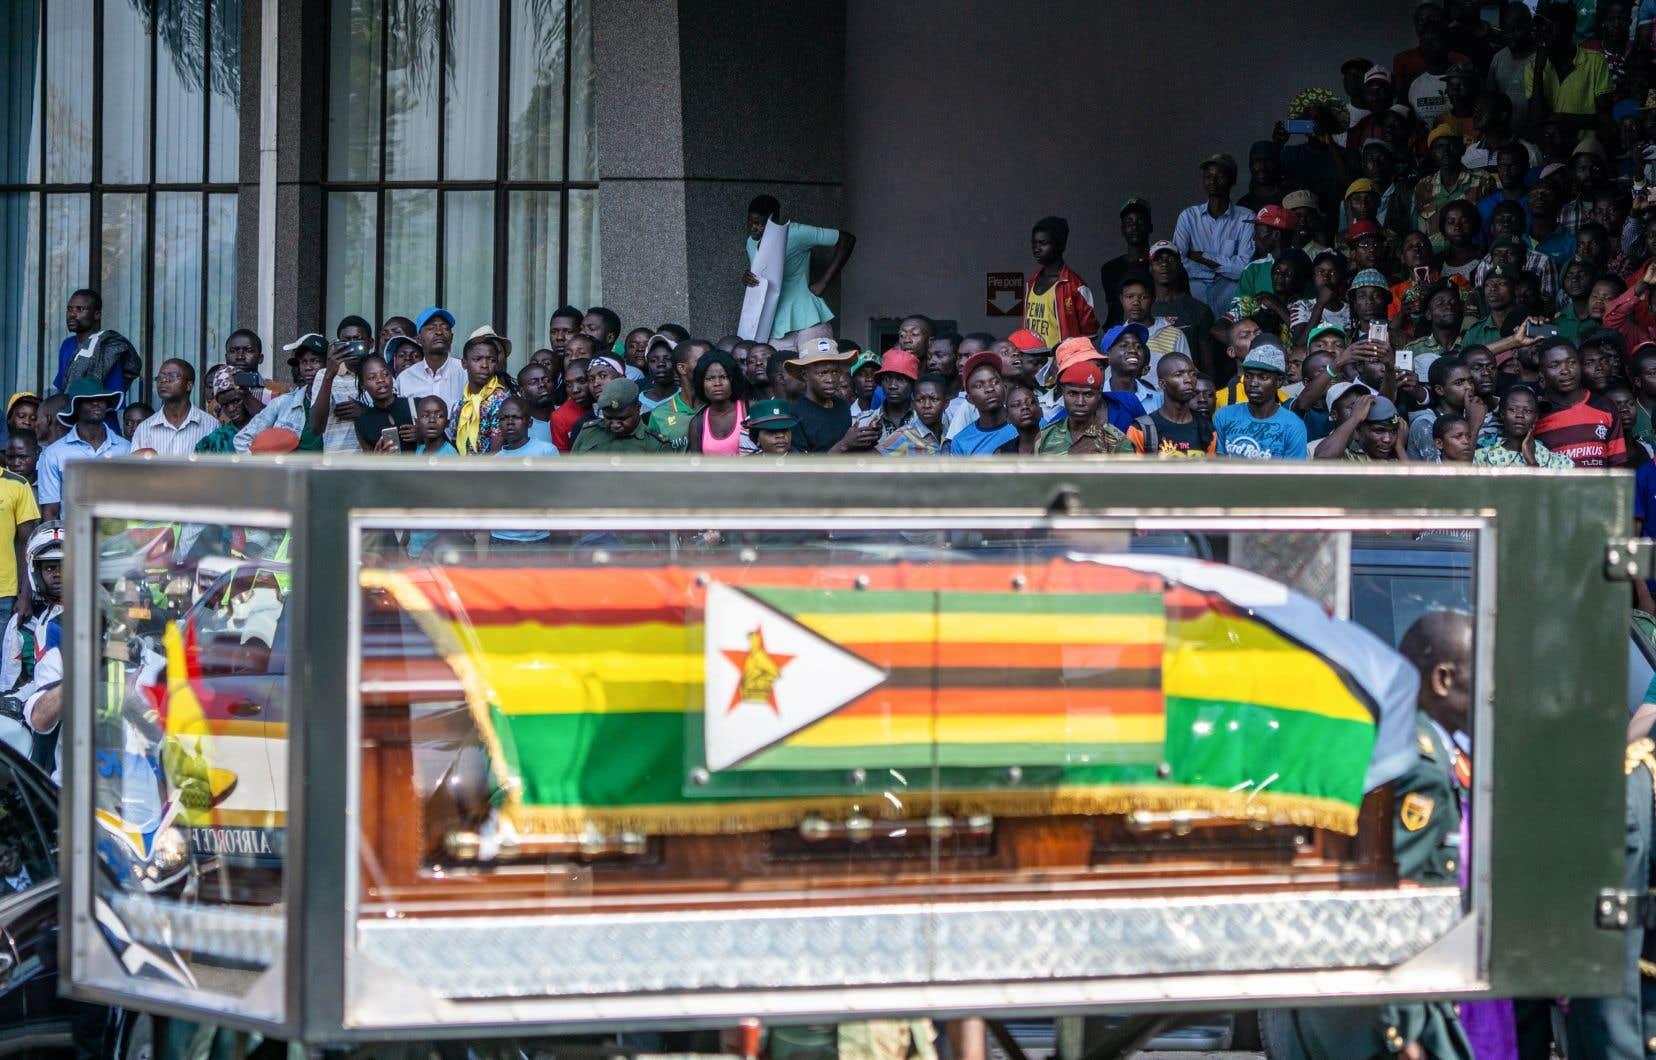 La foule regarde le cercueil du défunt président zimbabwéen, Robert Mugabe, chargé dans une voiture, lors d'une cérémonie d'adieu organisée à Harare.